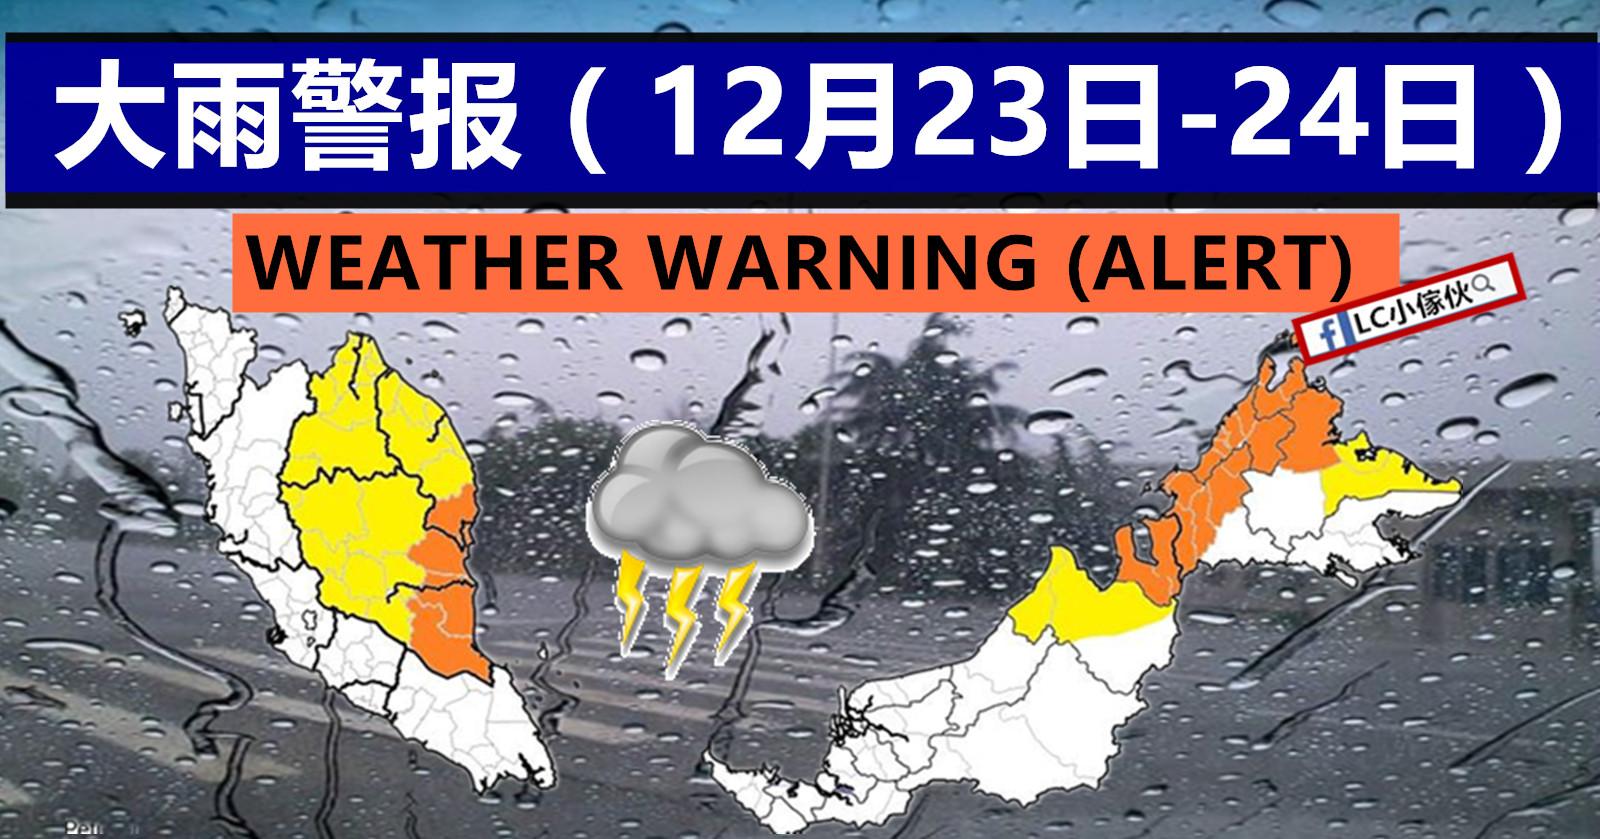 大雨 警報